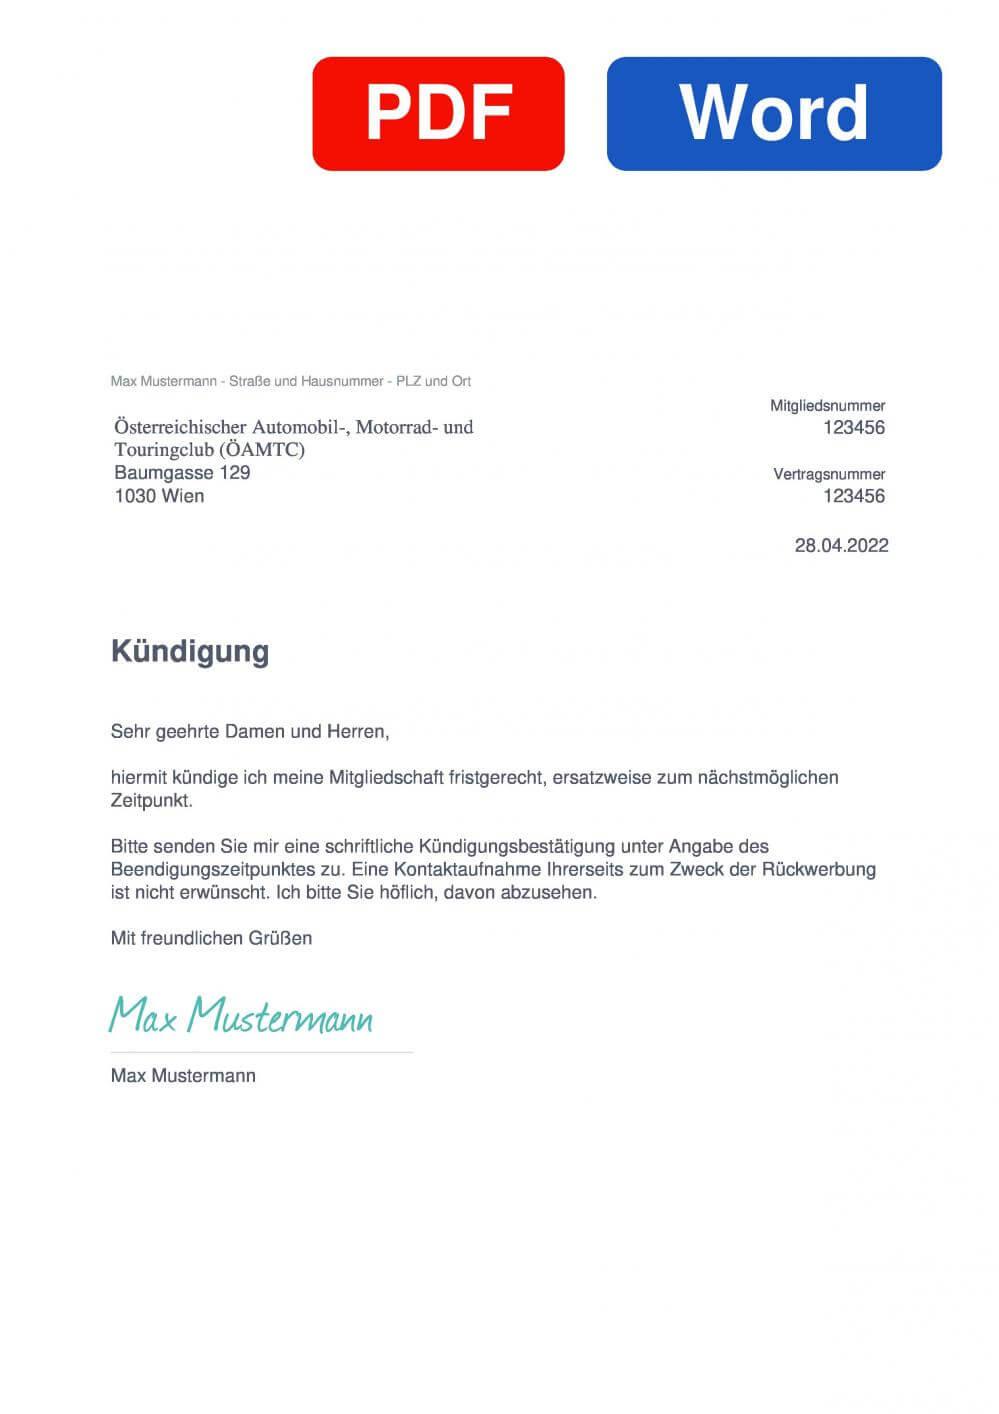 ÖAMTC Club Muster Vorlage für Kündigungsschreiben